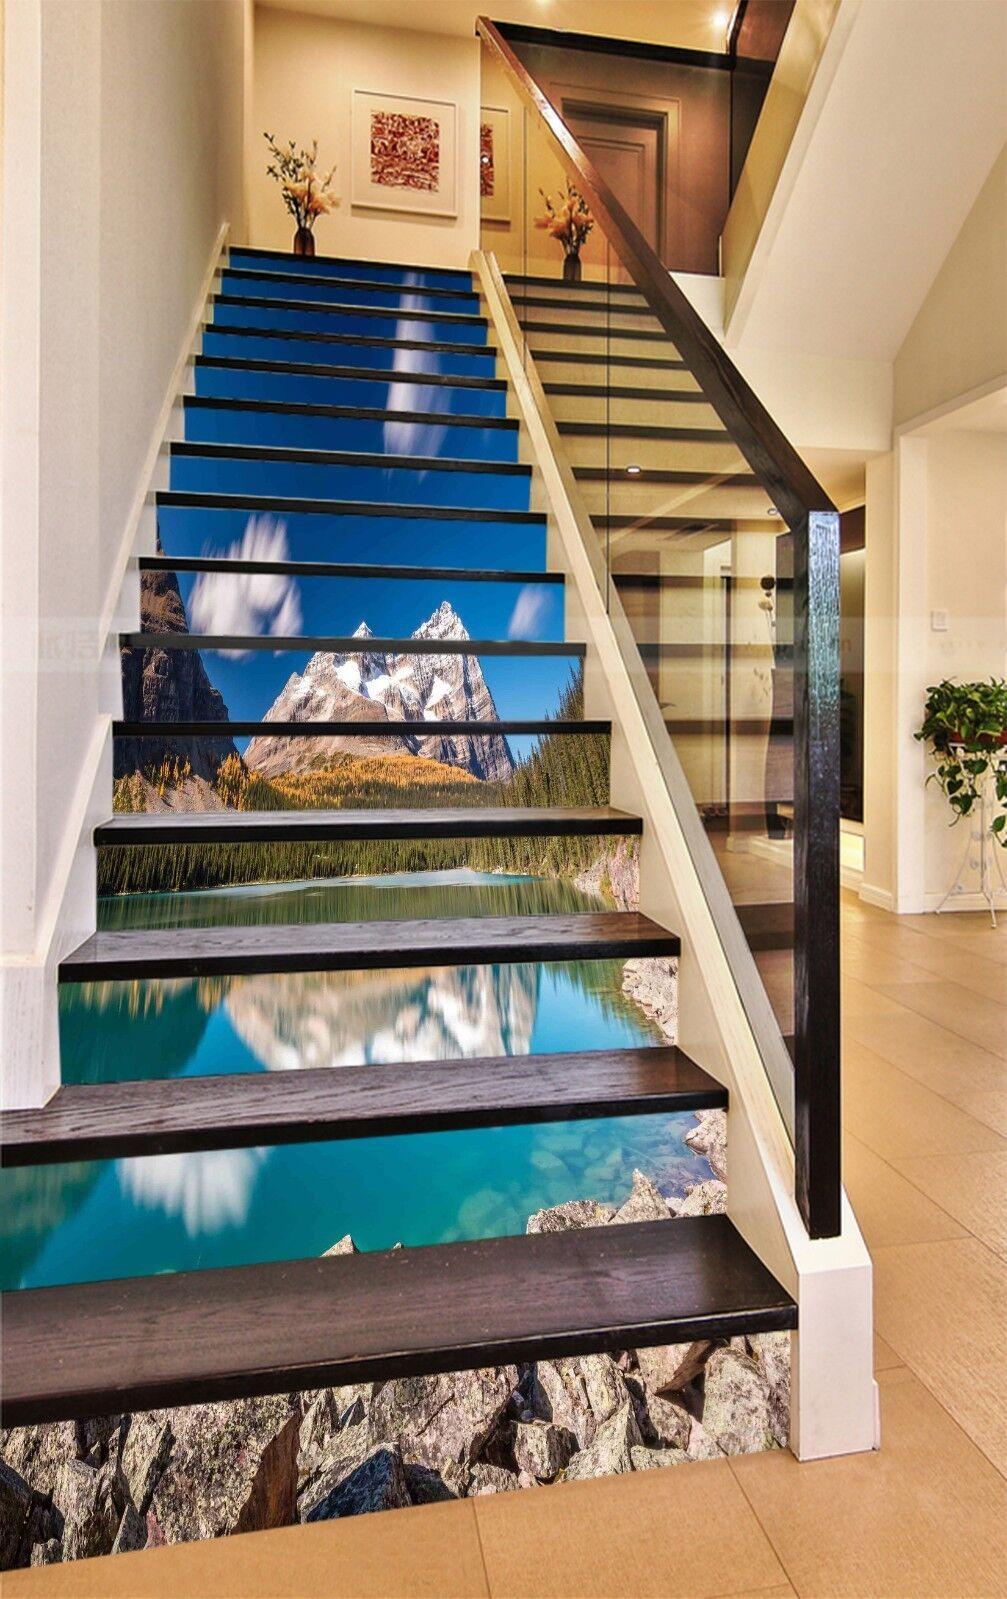 3d Bleu Lac 2131 Stair Risers Décoration Papier Peint Vinyle Autocollant Papier Peint De